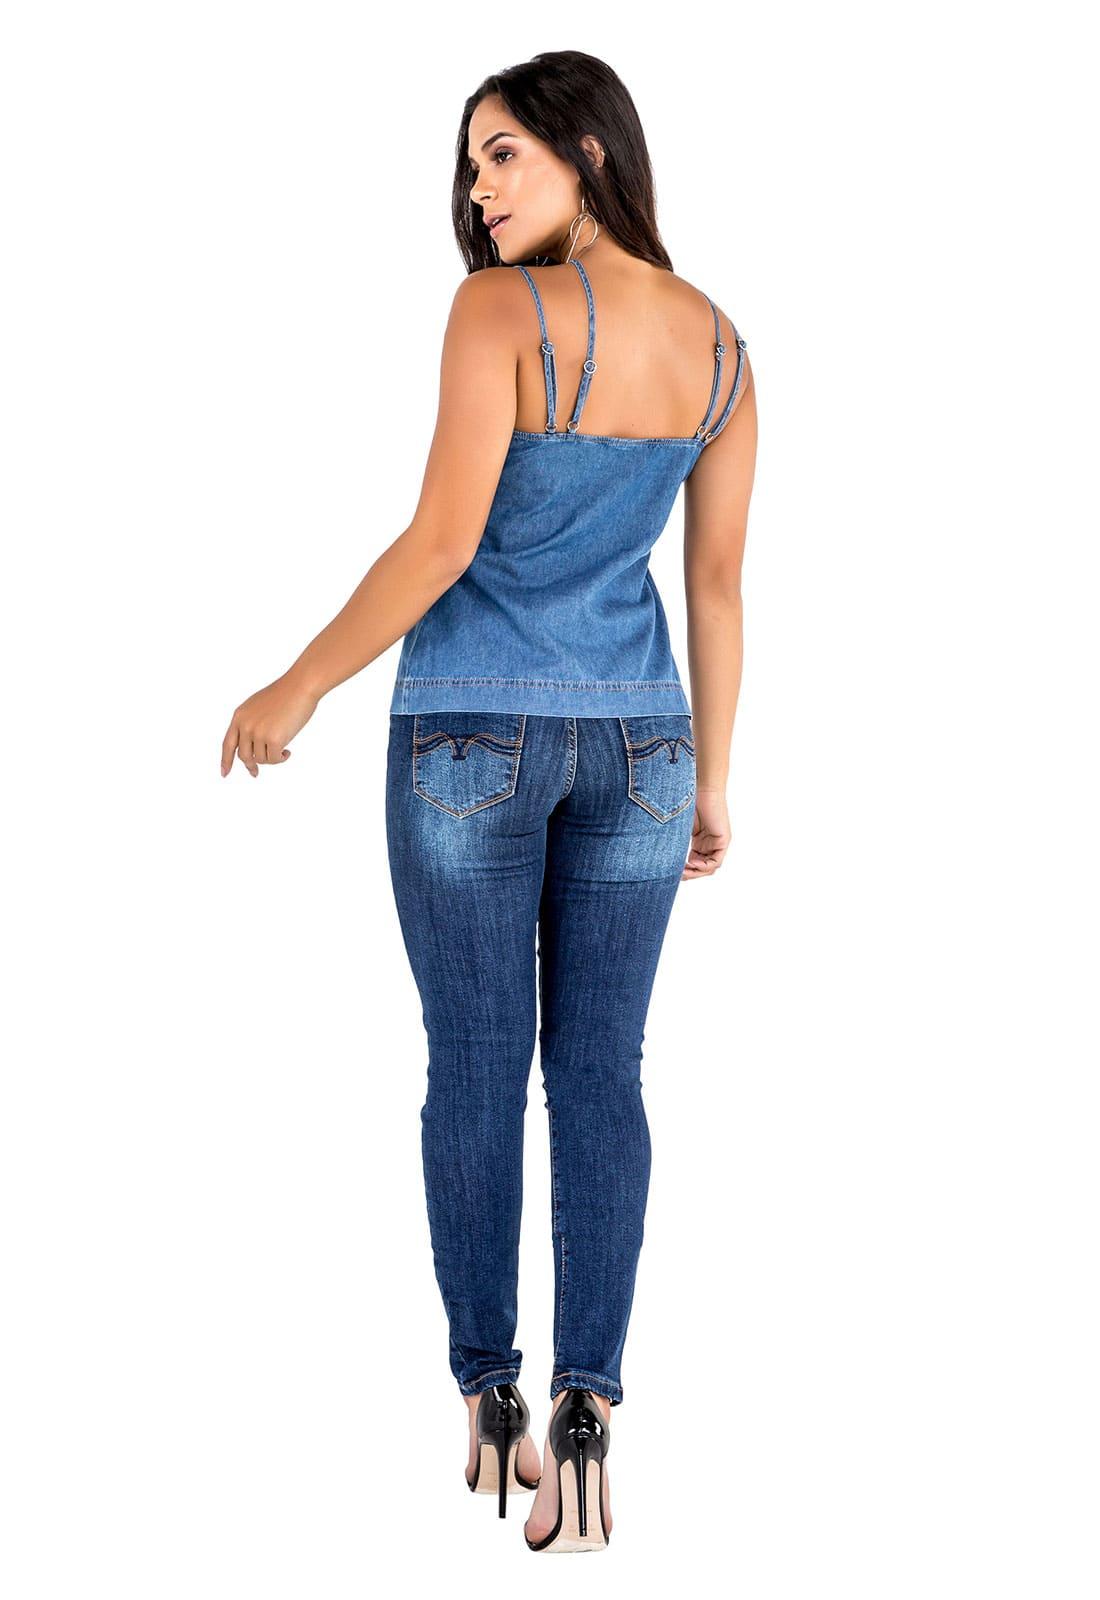 Blusa Jeans Feminina Sem Manga